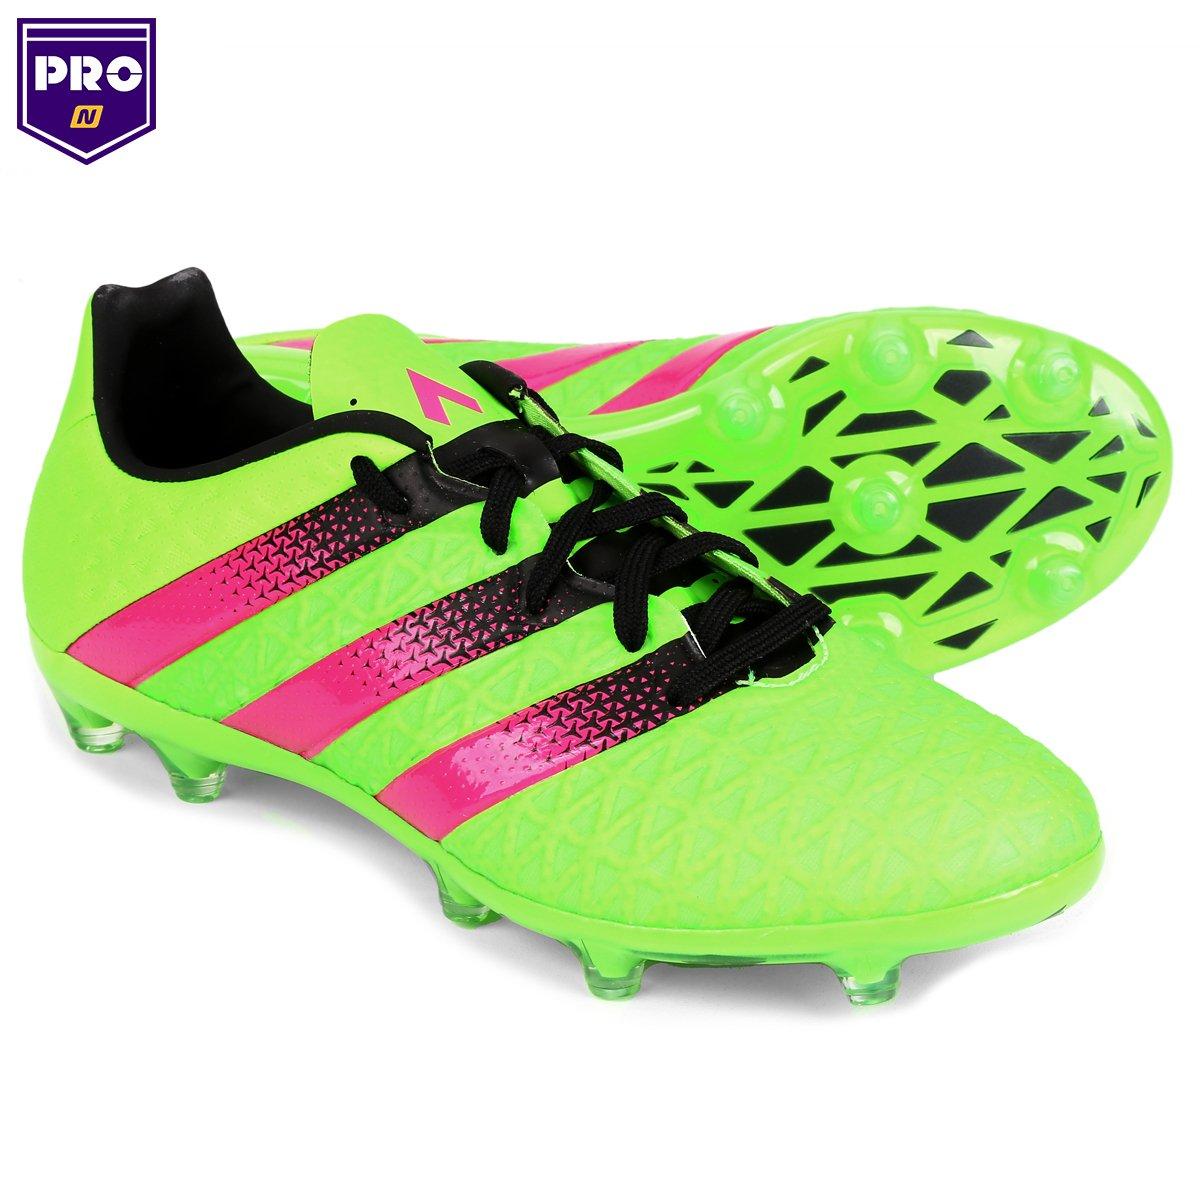 Chuteira Adidas Ace 16.2 FG Campo - Compre Agora  d004bbe917a18